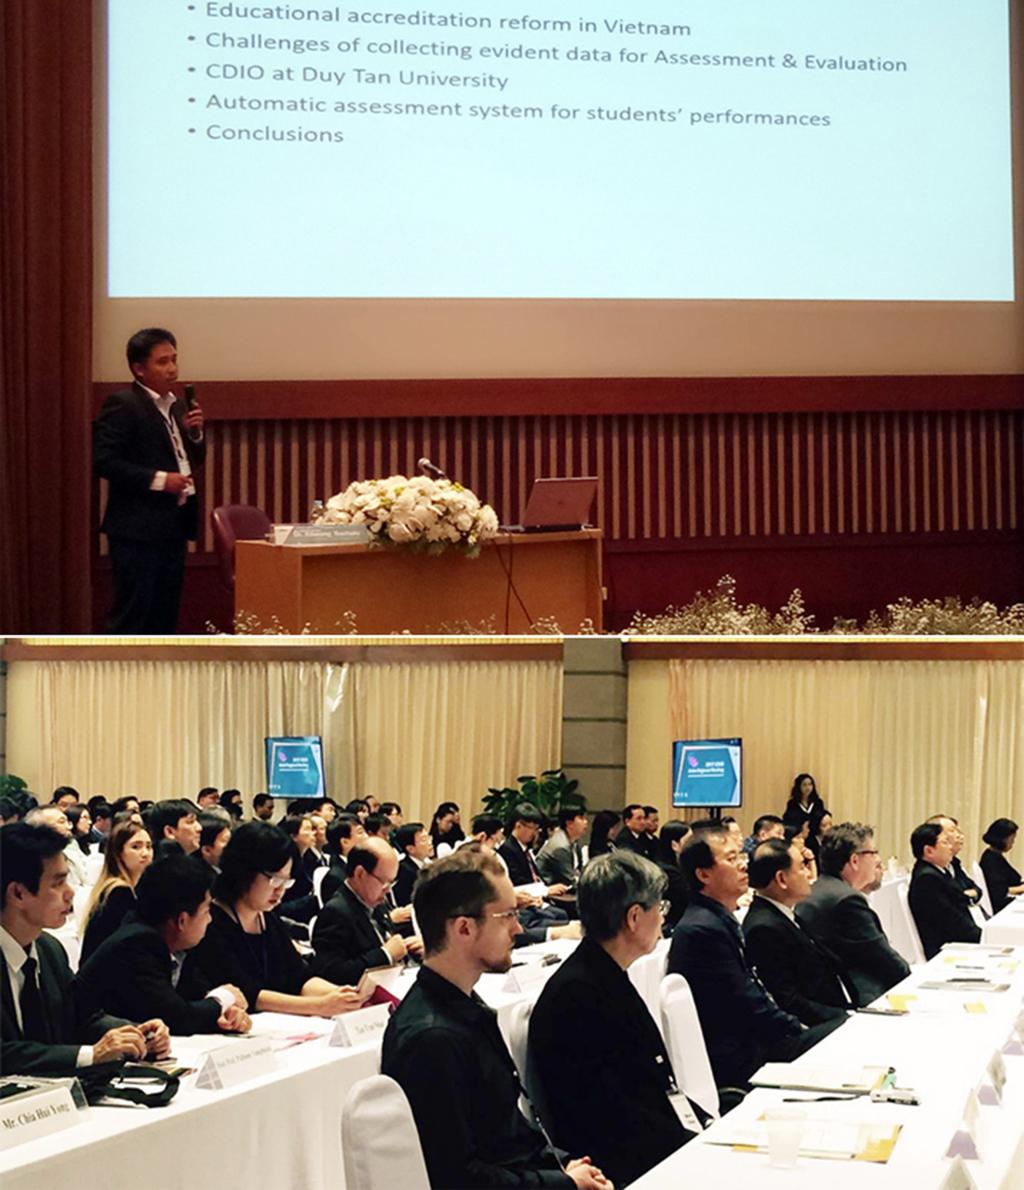 ĐH Duy Tân báo cáo (Keynote) tại Hội nghị CDIO vùng châu Á 2017 Duytan_mvdc